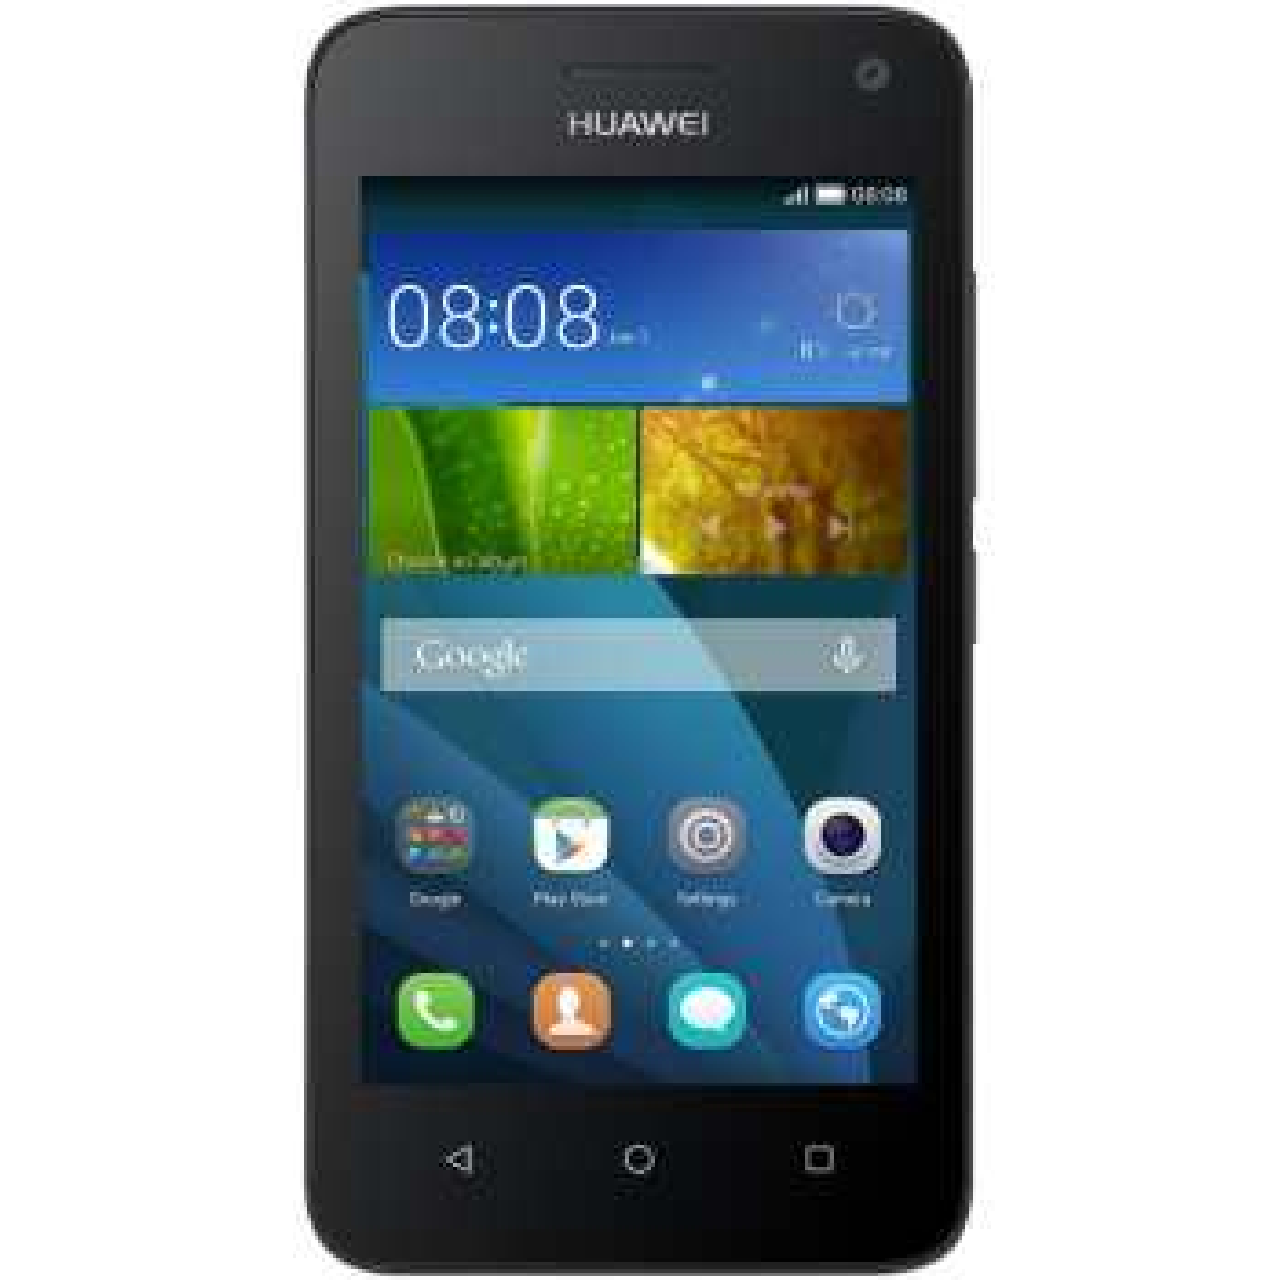 گوشی موبایل هوآوی مدل Y3C دو سیم کارت | Huawei Y3C Dual SIM Mobile Phone